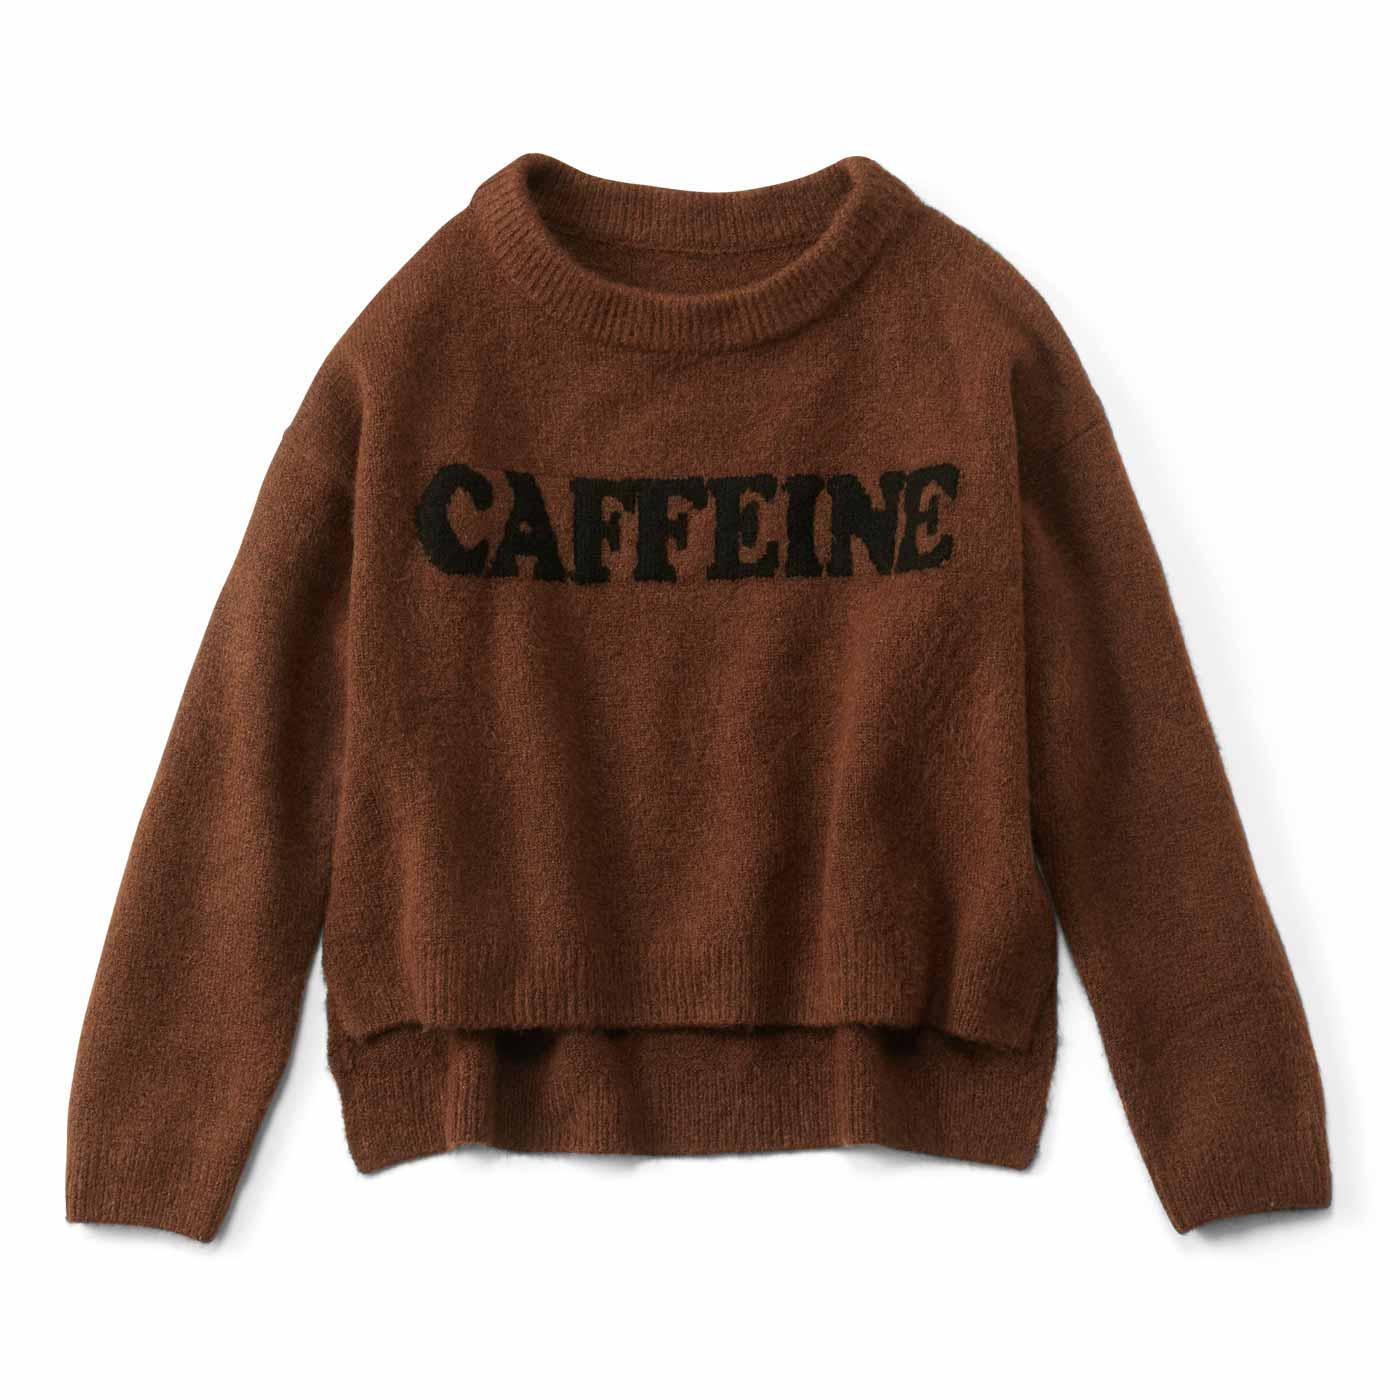 ふわふわロゴニットトップス〈カフェイン〉